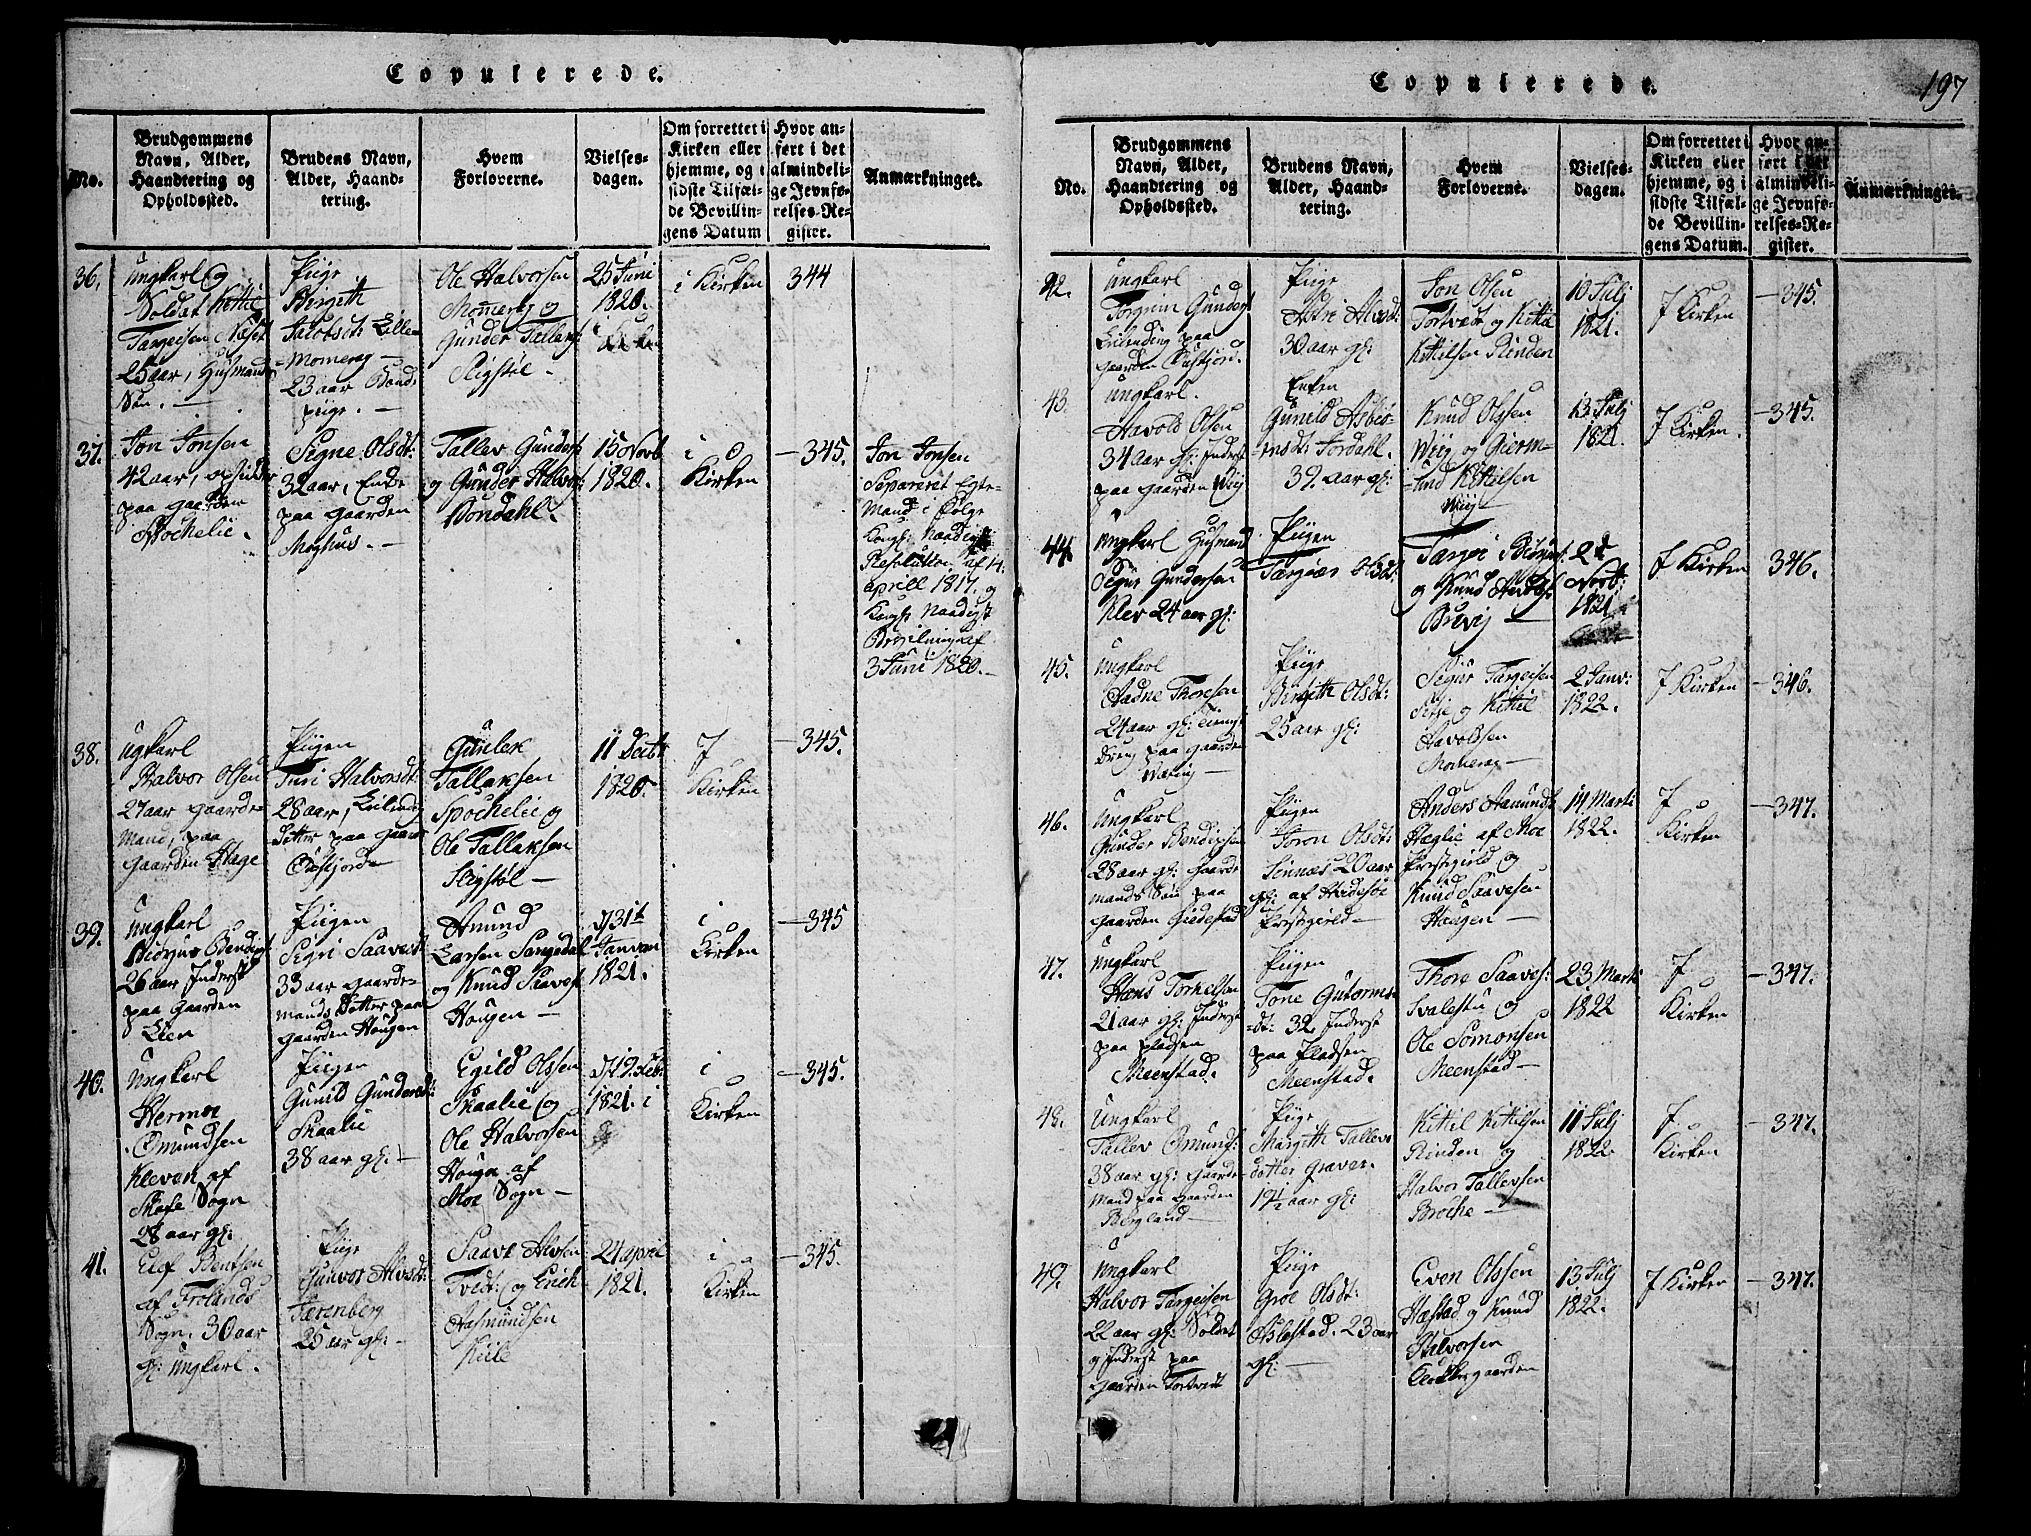 SAKO, Fyresdal kirkebøker, G/Ga/L0001: Klokkerbok nr. I 1, 1816-1840, s. 197